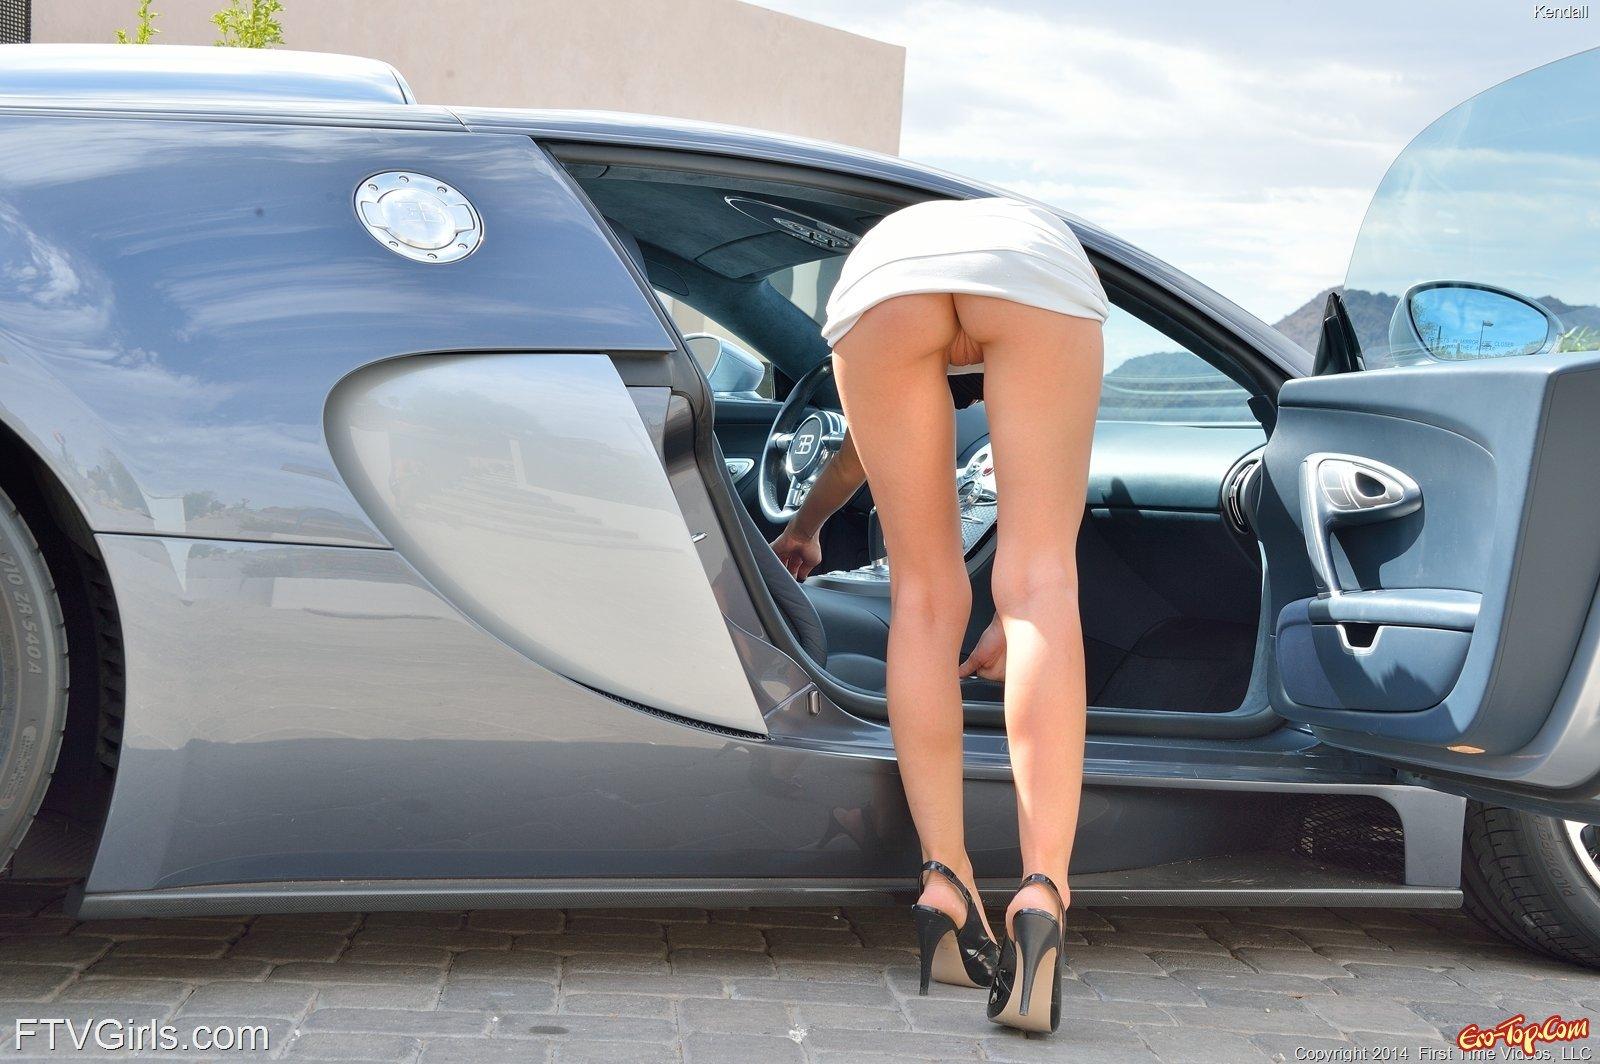 Пафосная особа женского пола жаждет снимать трусы у дороги